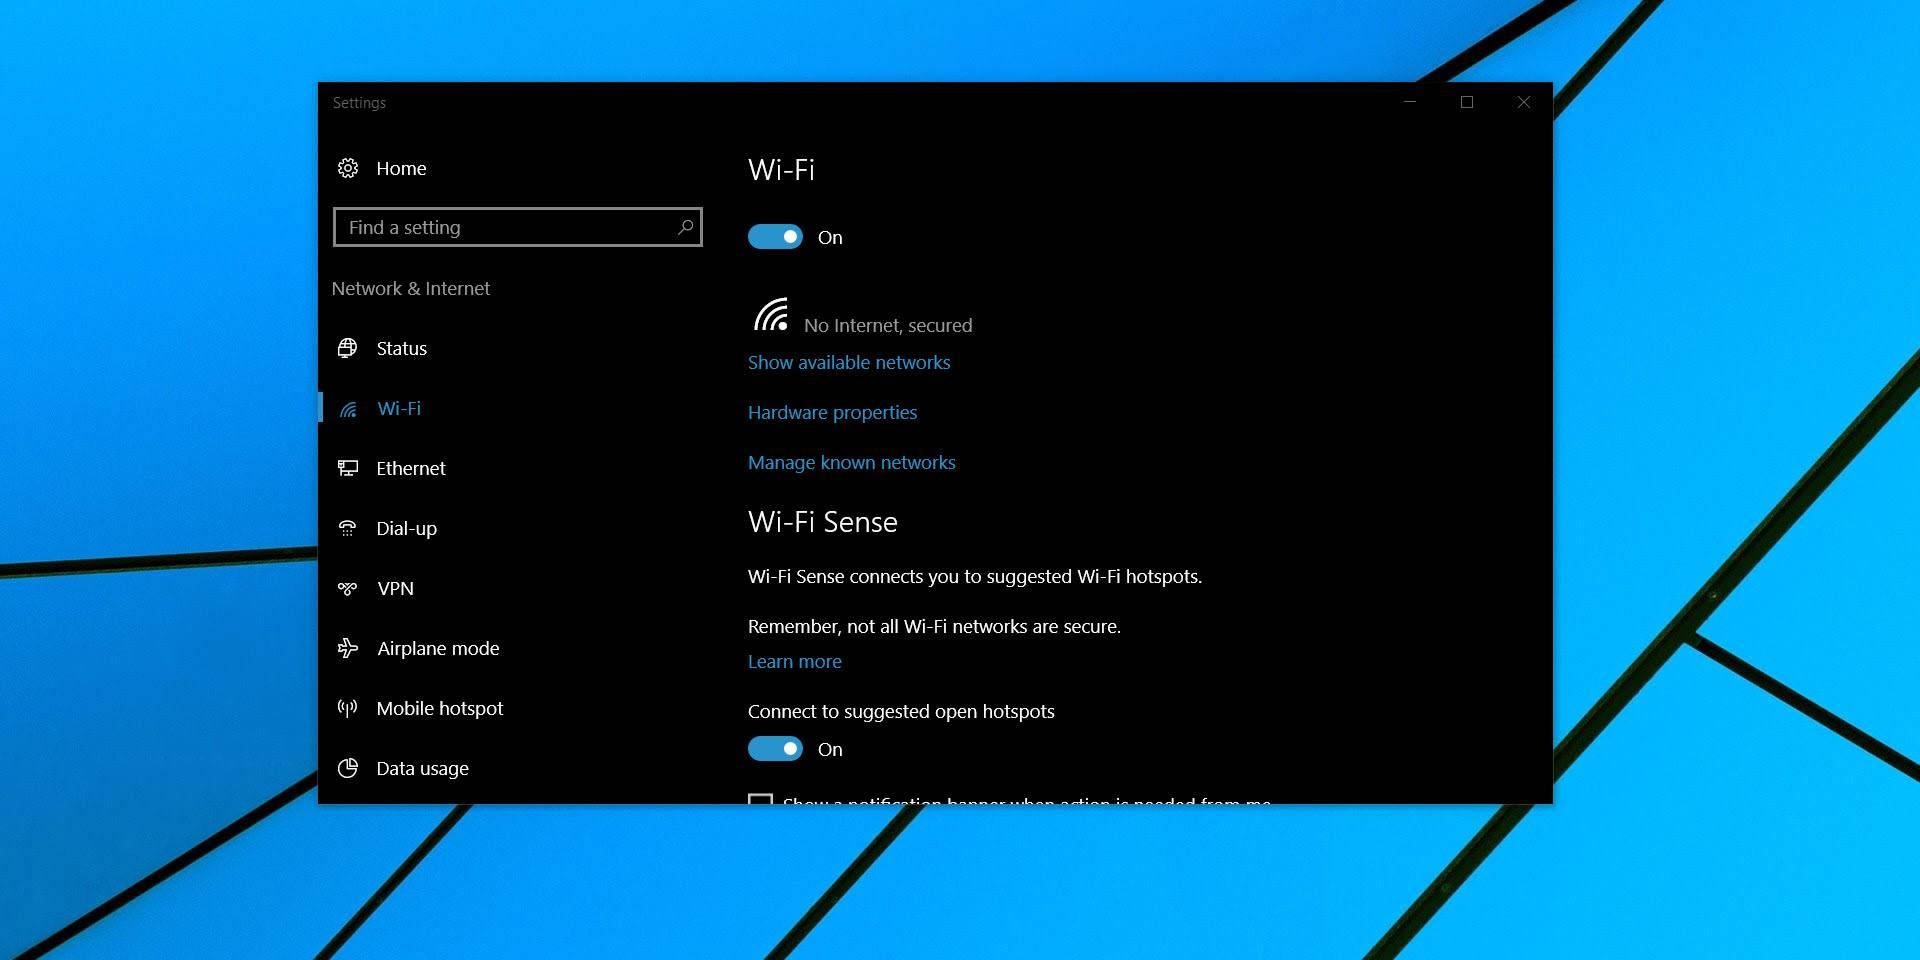 تصویر روش ریست کردن Data Usage در ویندوز 10